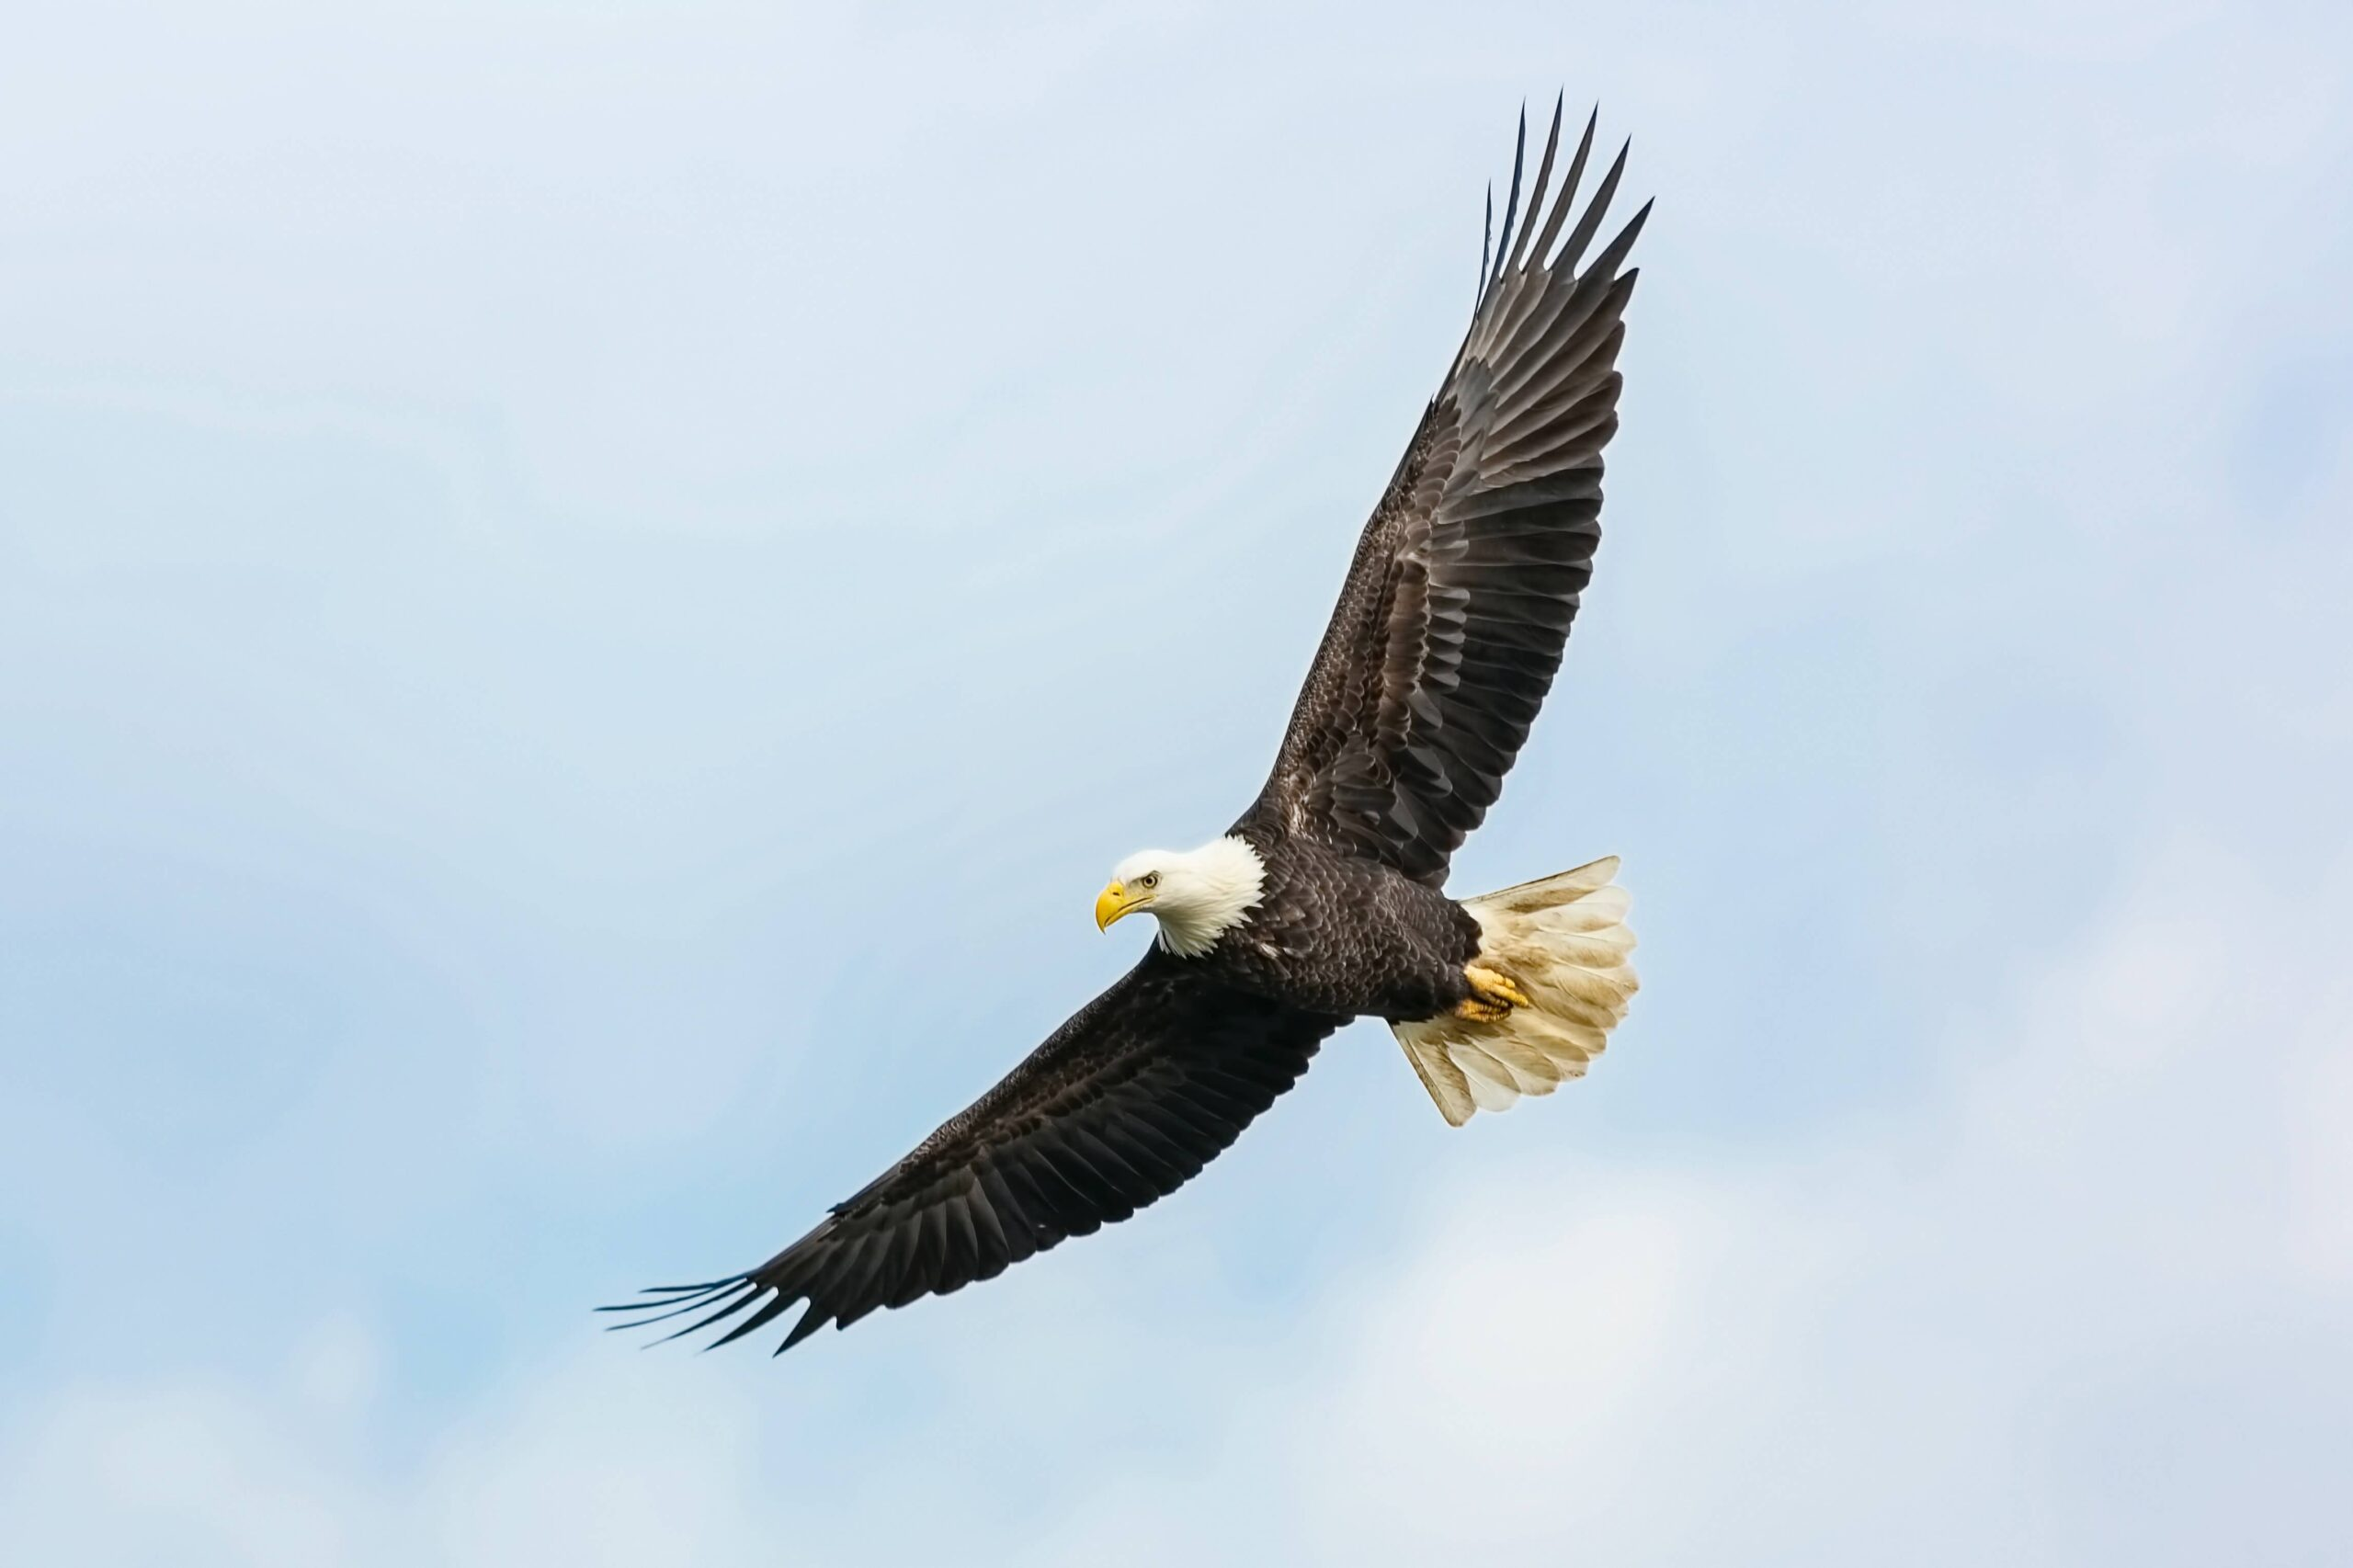 En kongeørn som flyr høyt på himmelen